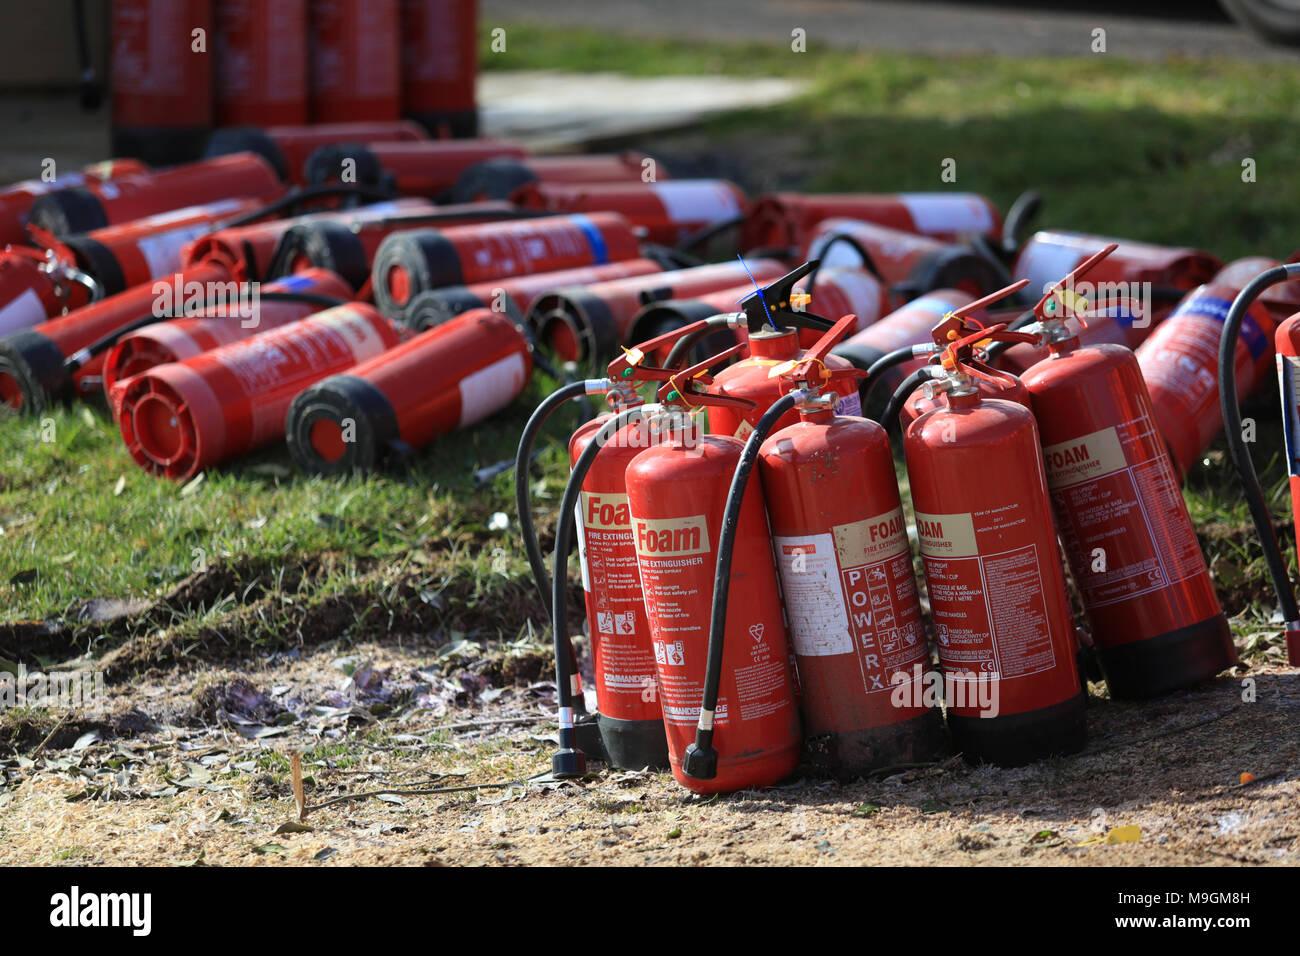 Les extincteurs utilisés par les directeurs provinciaux de sport automobile pour la formation de lutte contre l'incendie. Photo Stock